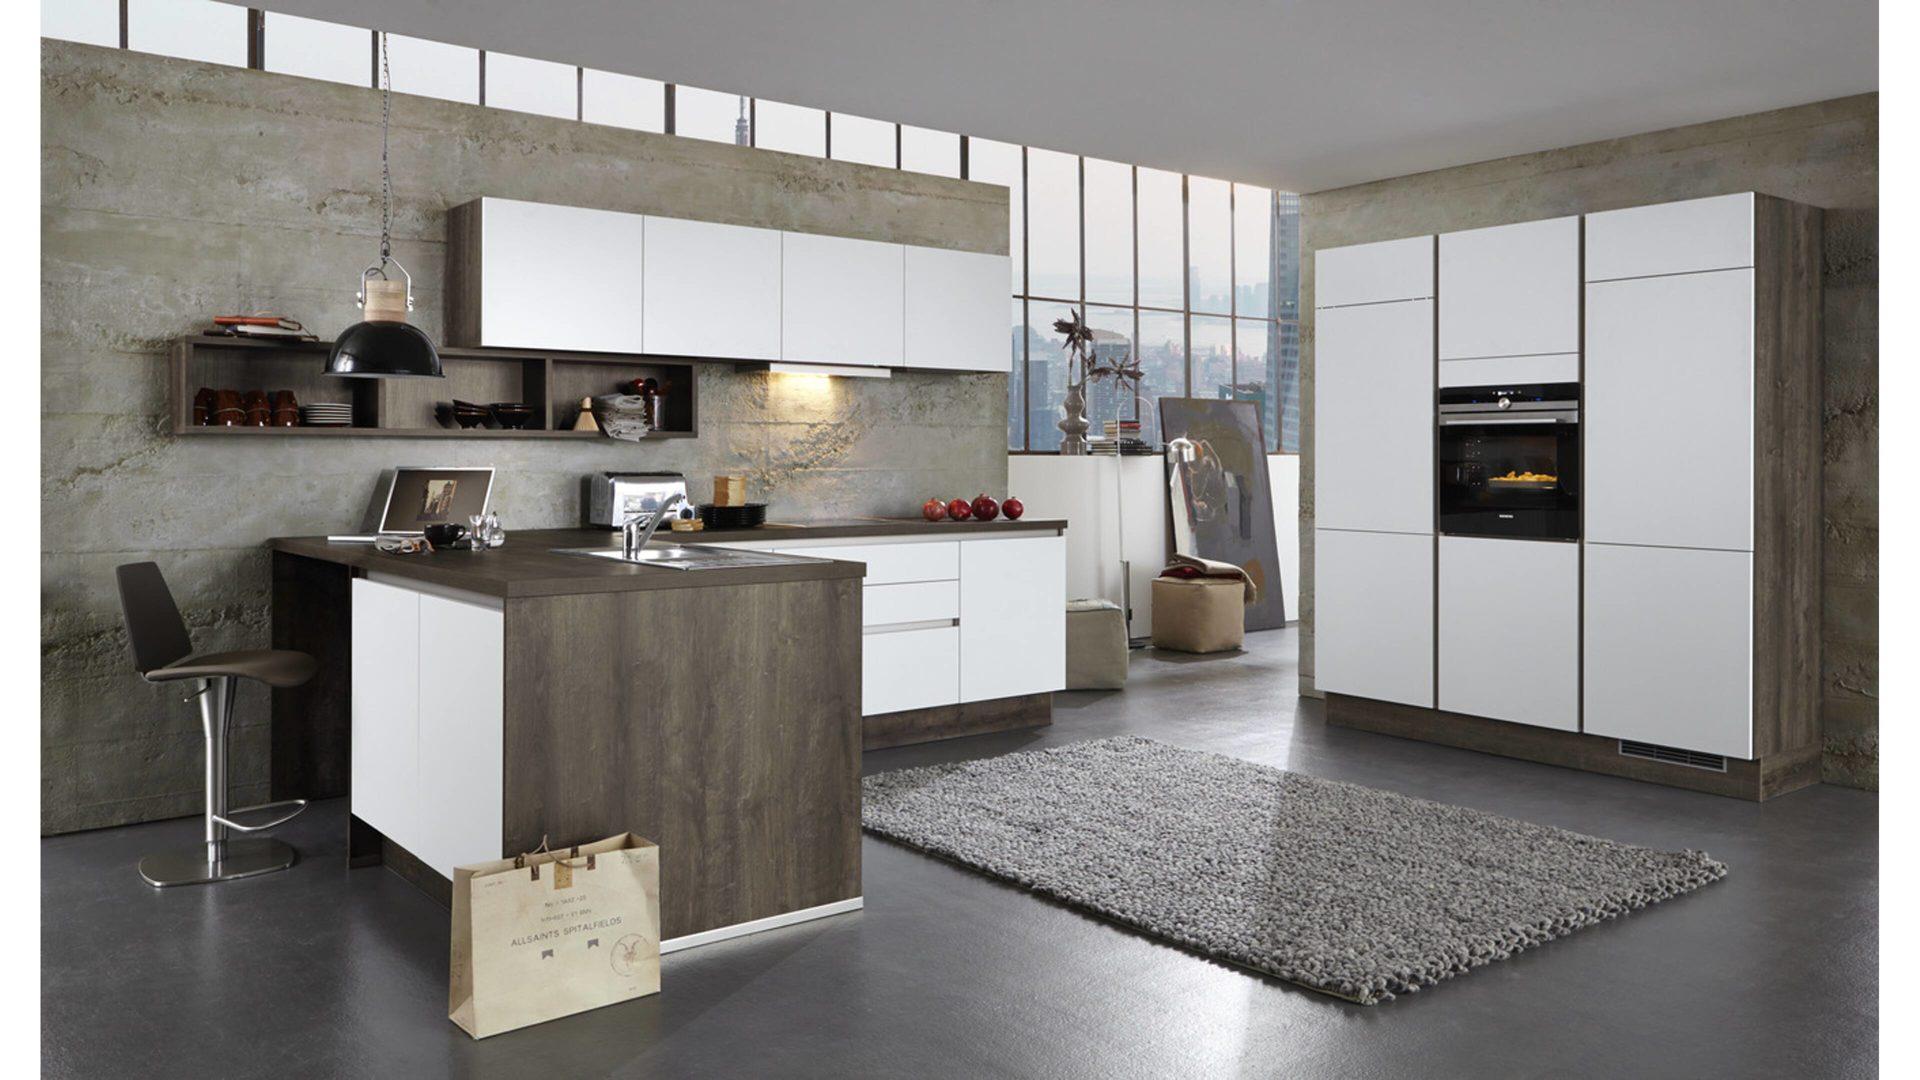 Gemütlich Kamakshi Küche Galerie - Ideen Für Die Küche Dekoration ...